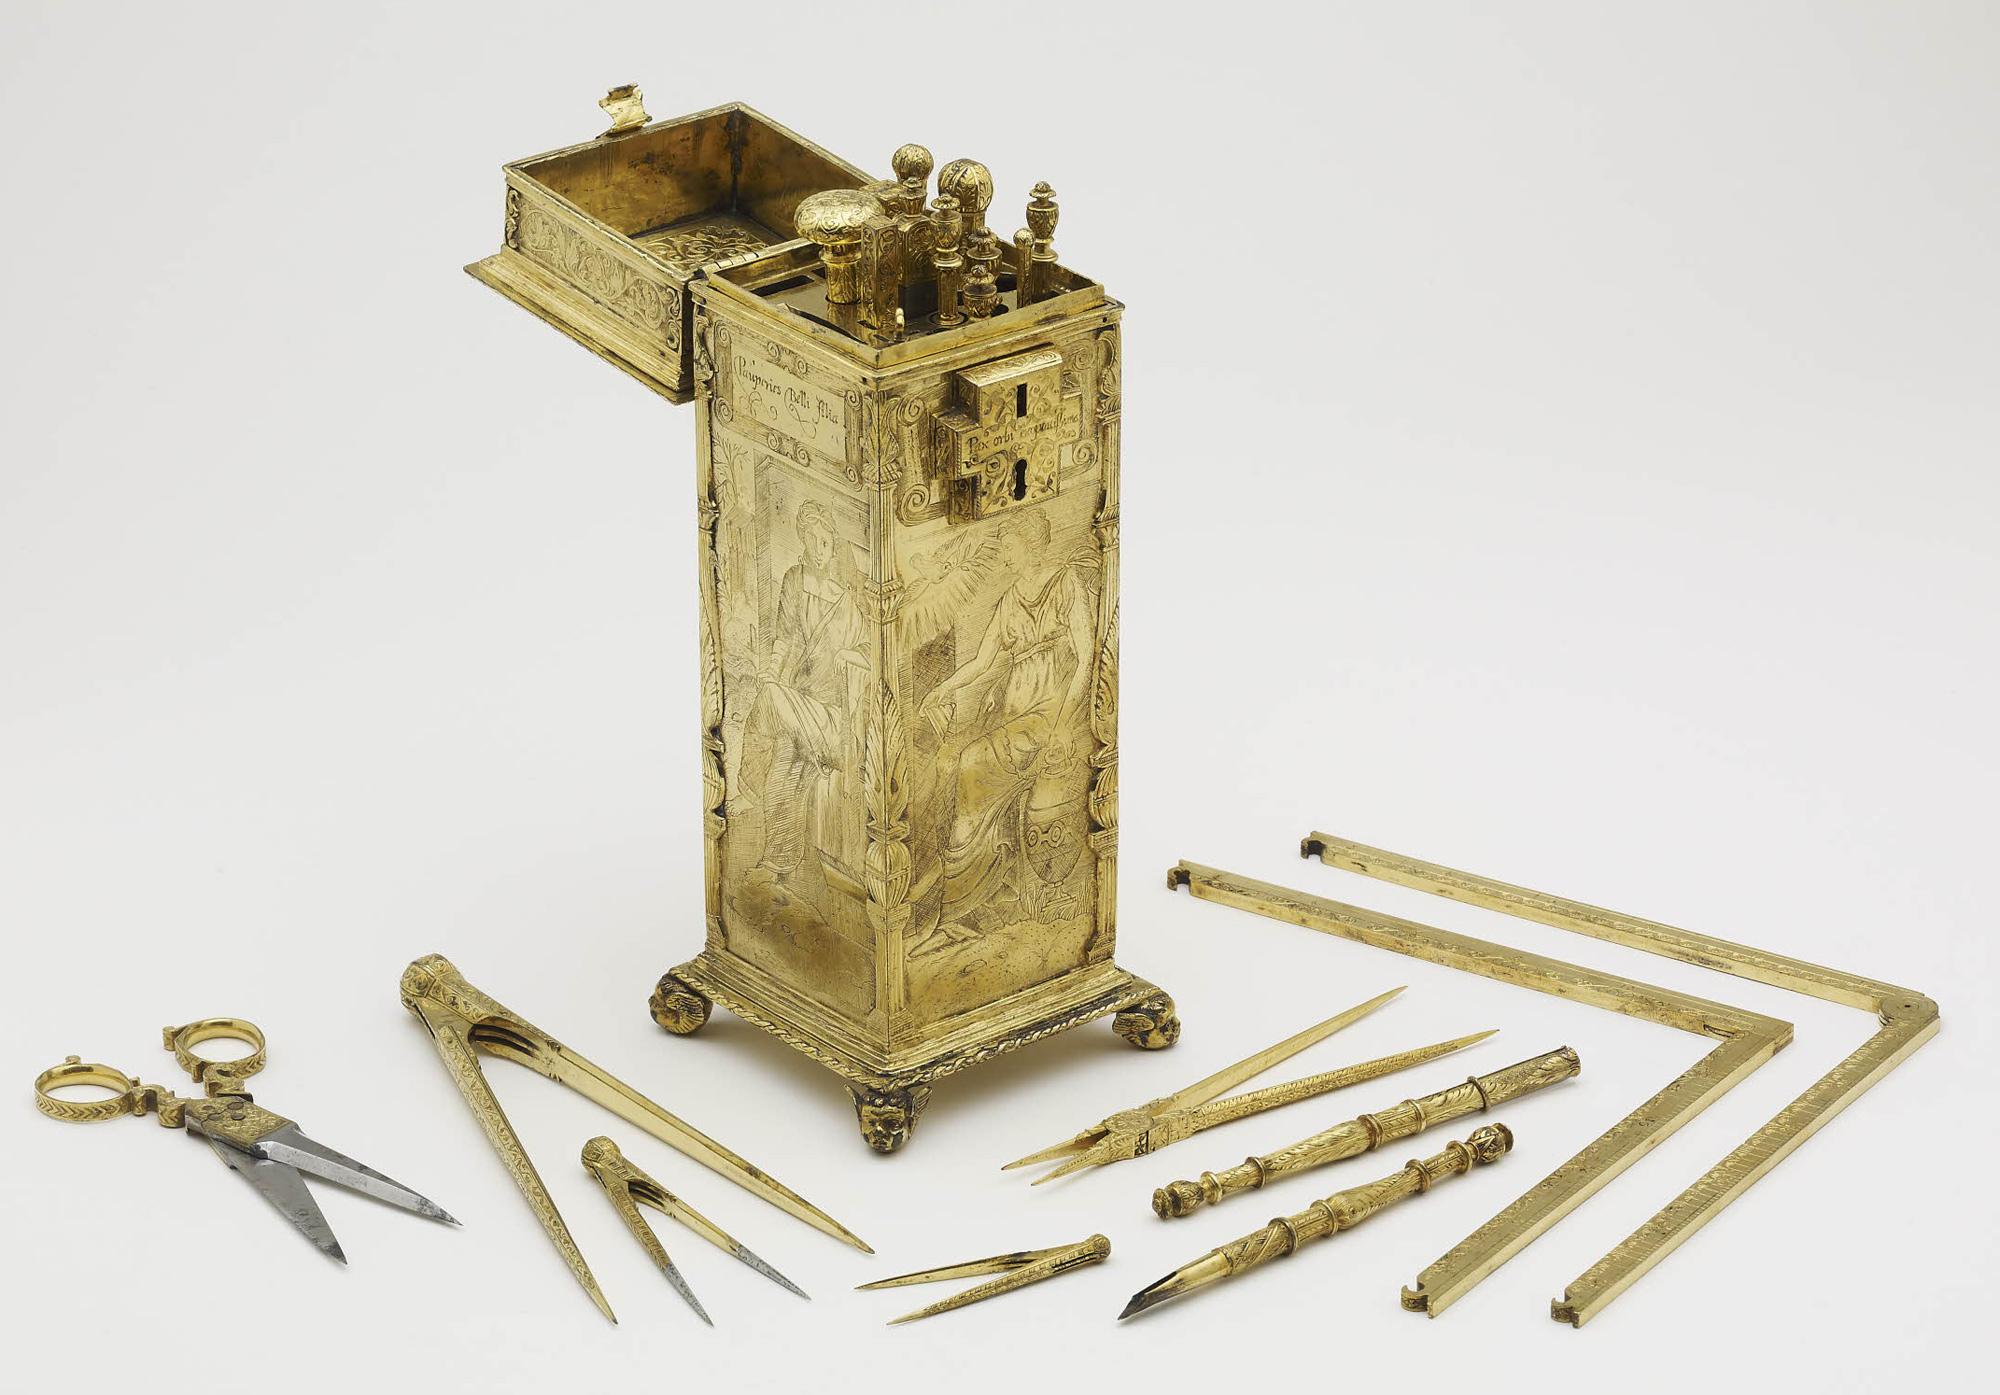 16th-century compasses